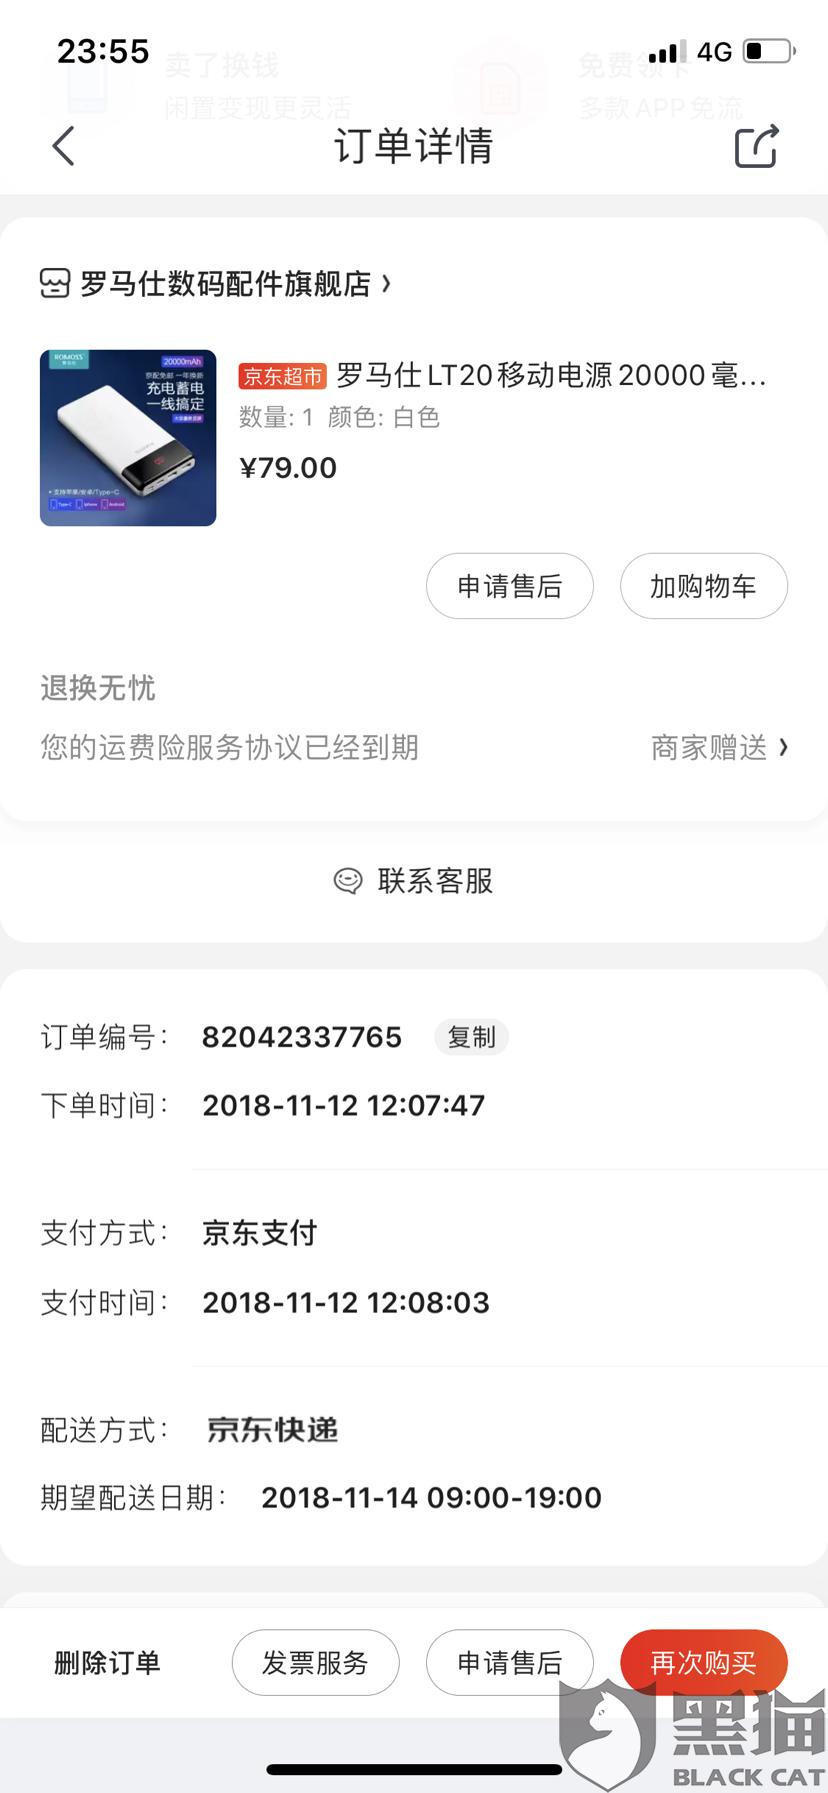 黑猫投诉:京东罗马仕数码配件旗舰店未按购买时说明进行售后